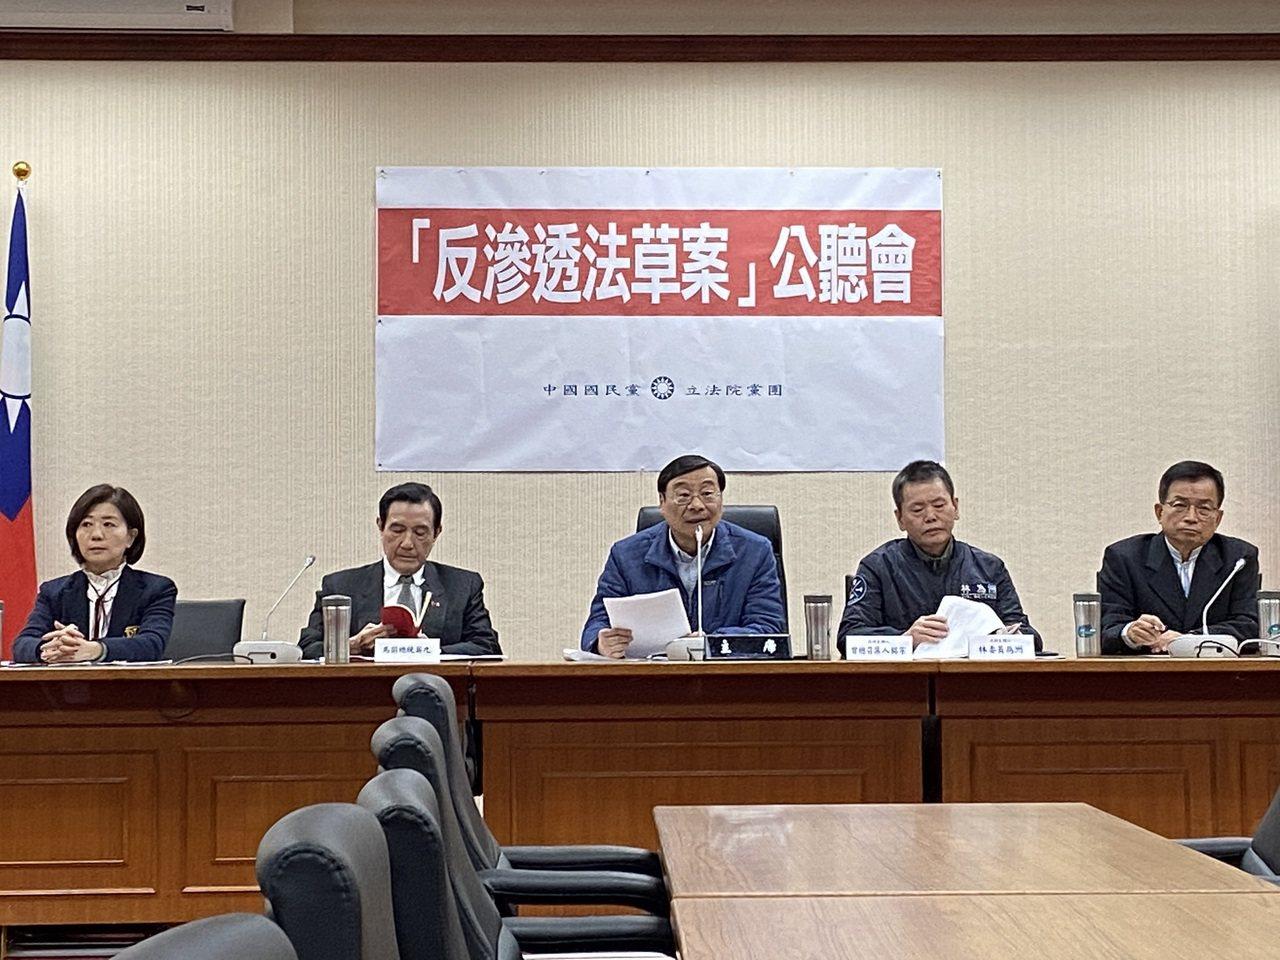 國民黨團今天舉行「反滲透法」草案公聽會。記者蔡晉宇/攝影